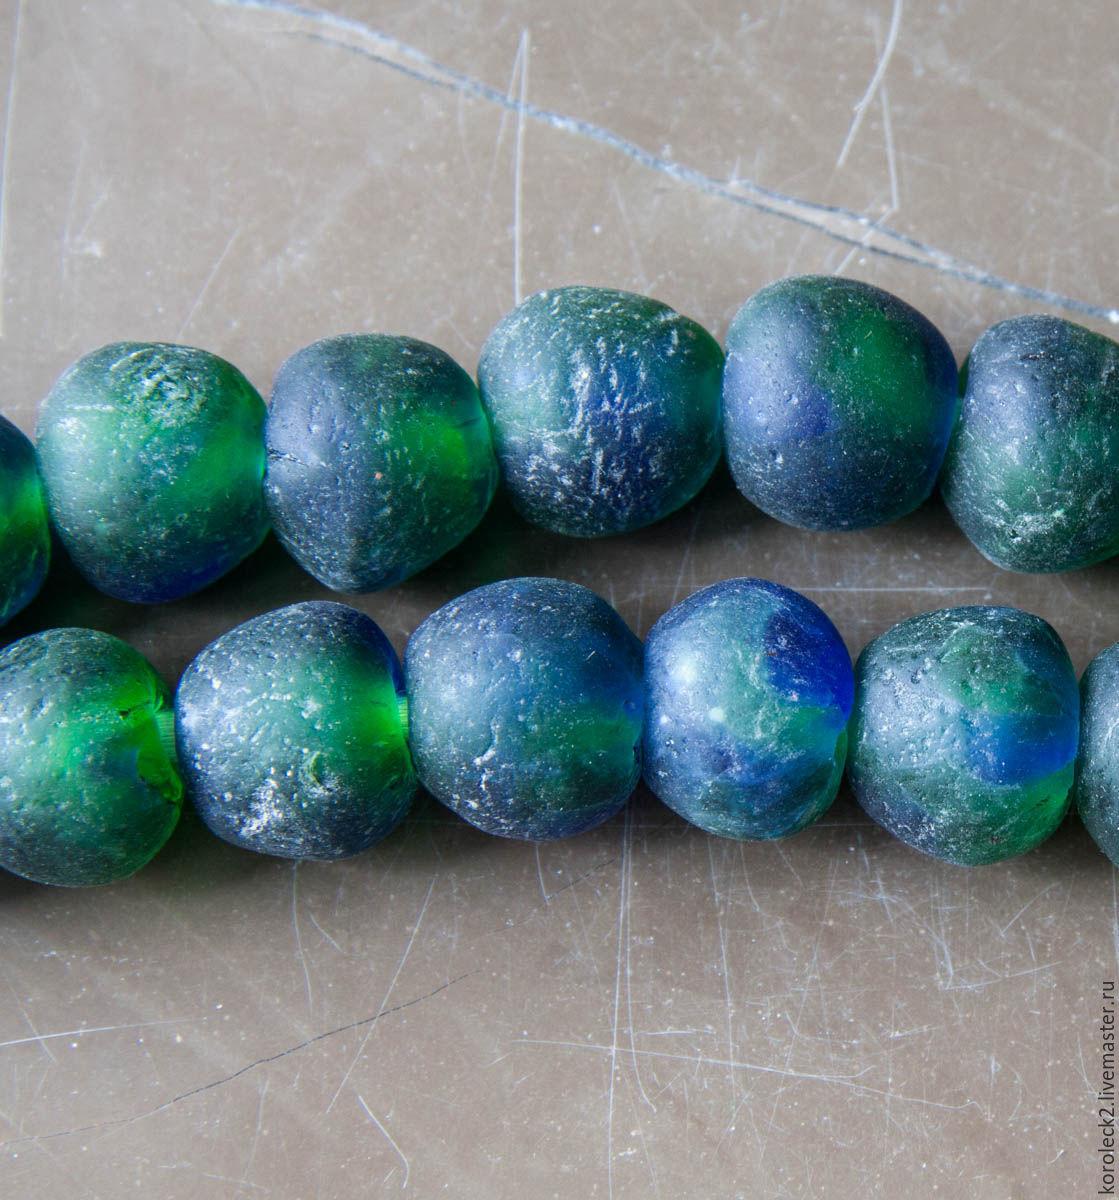 Африканские этнические крупные сине-зеленые стеклянные бусины, Бусины, Москва,  Фото №1